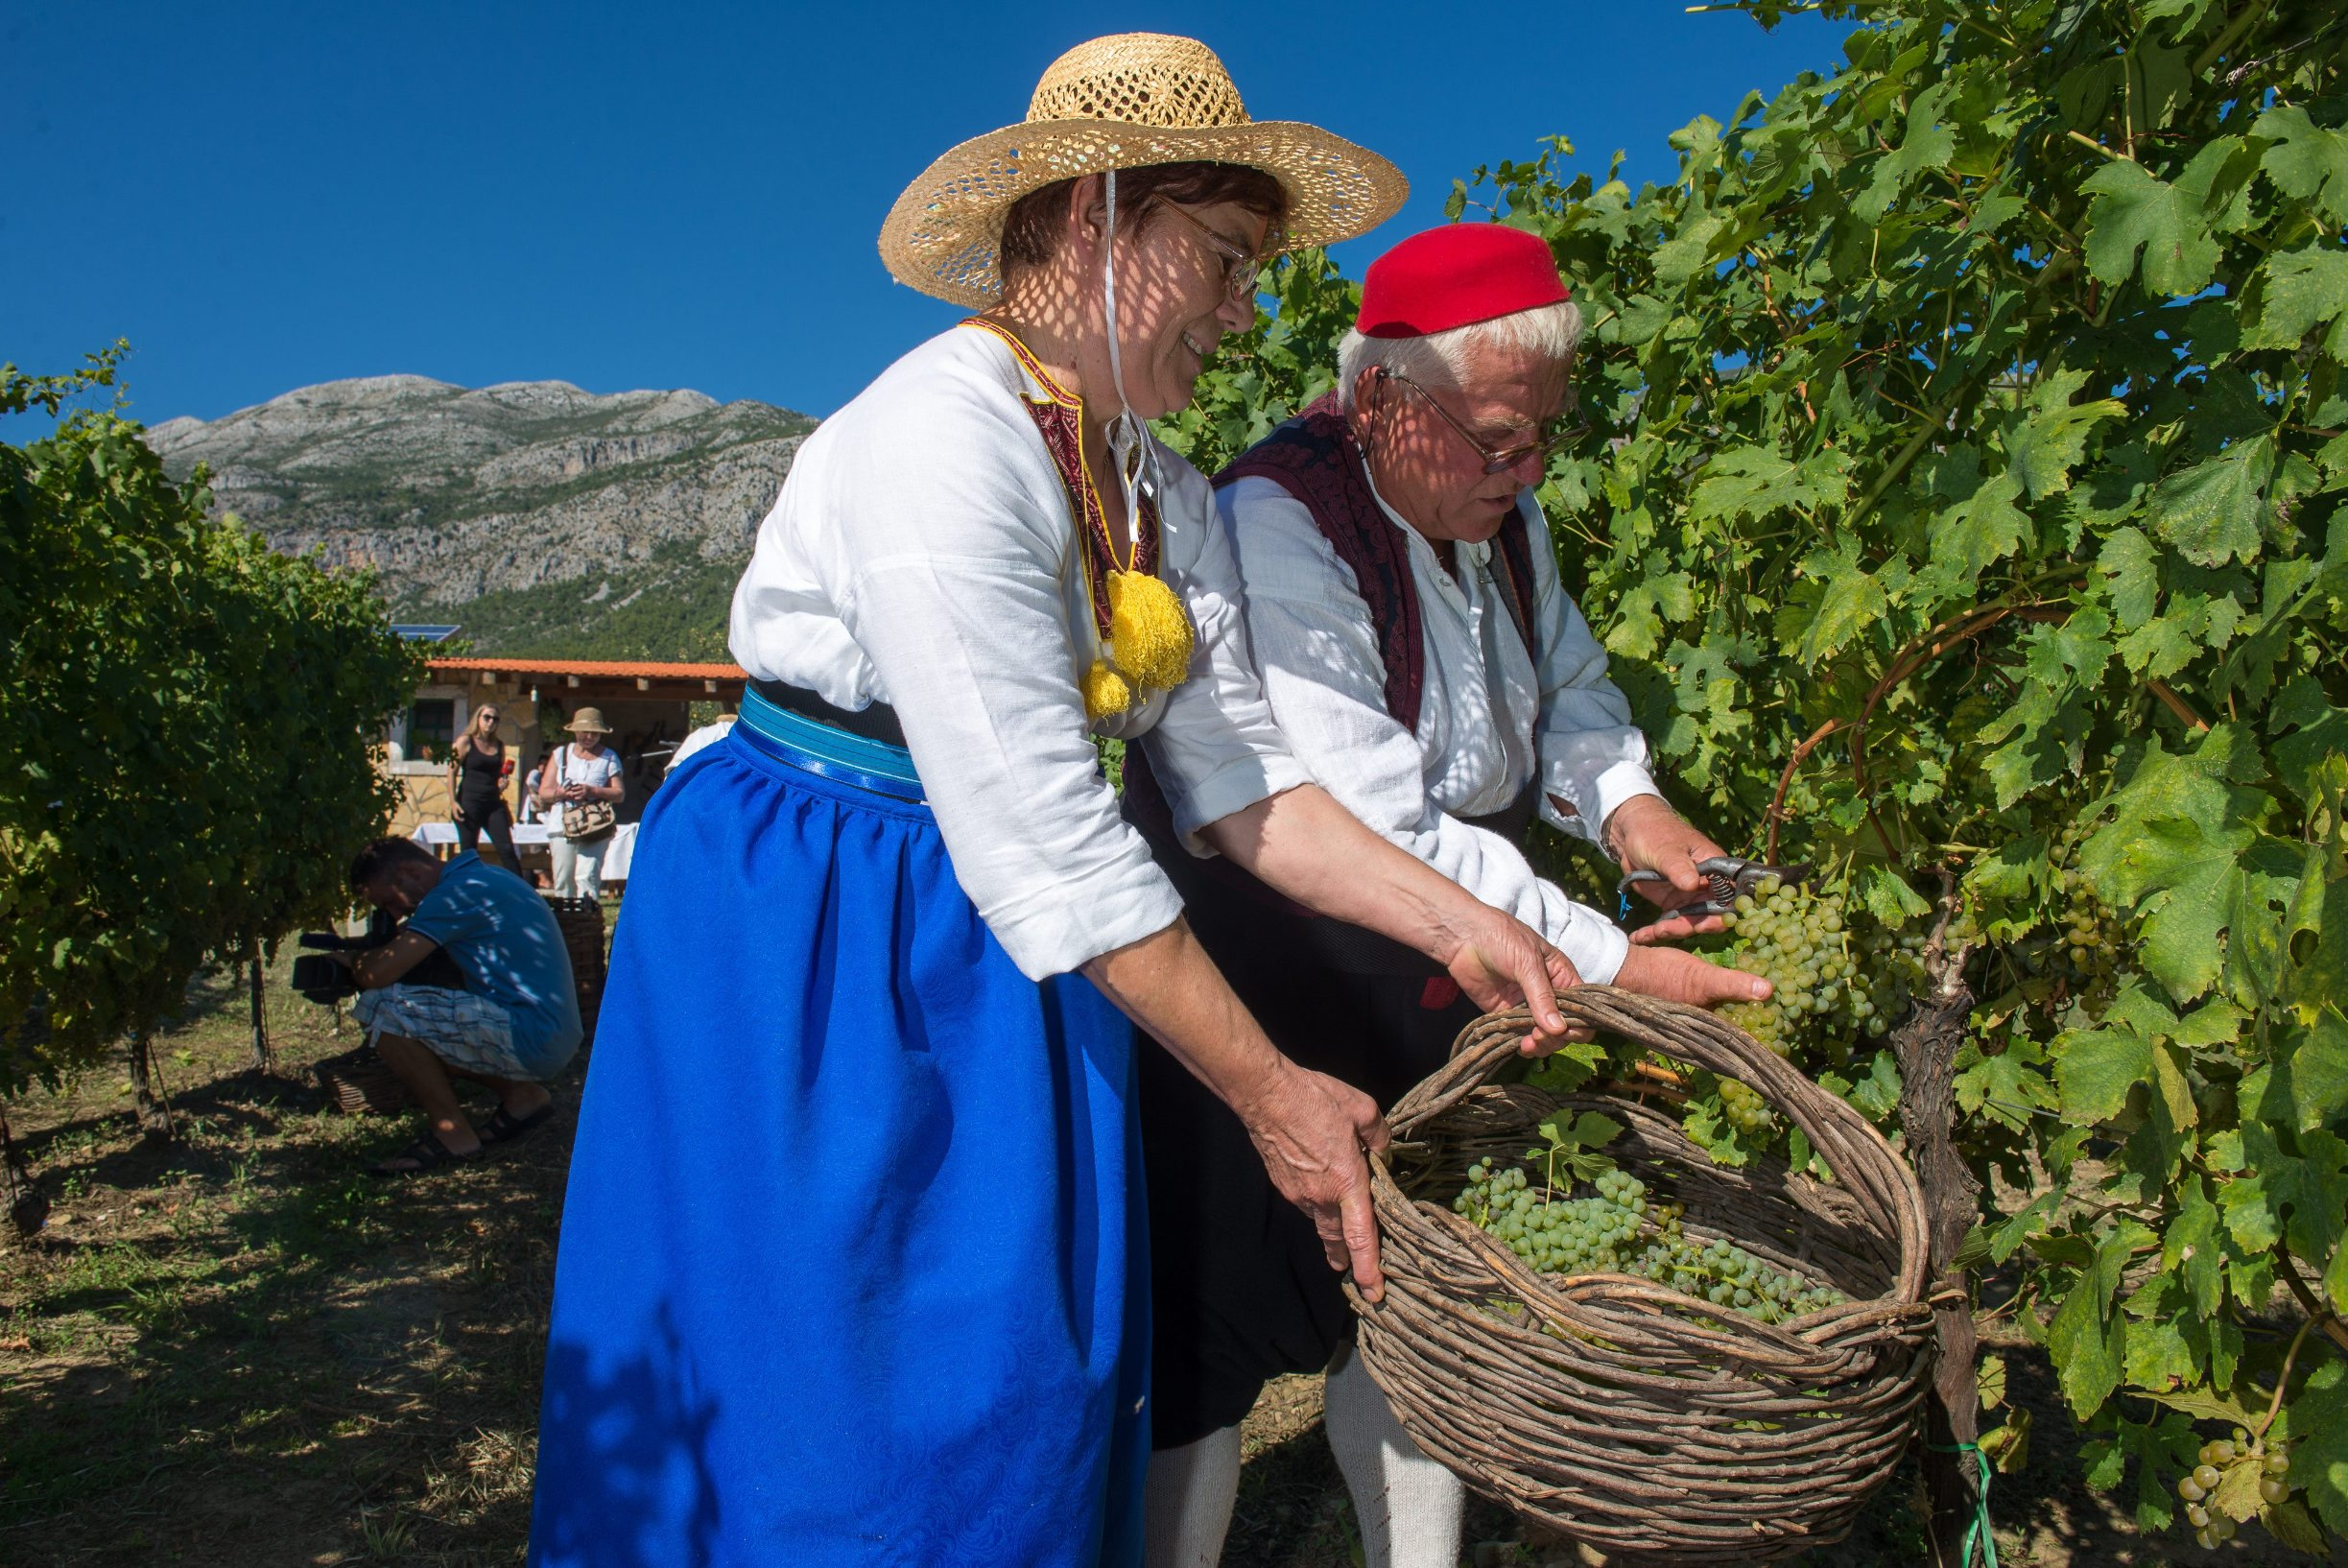 Agroturizam Konavle pozvao je sve zainteresirane na trganje ili berbu grozdja u vinogradu OPG-a Ive Karamana u Pridvorju